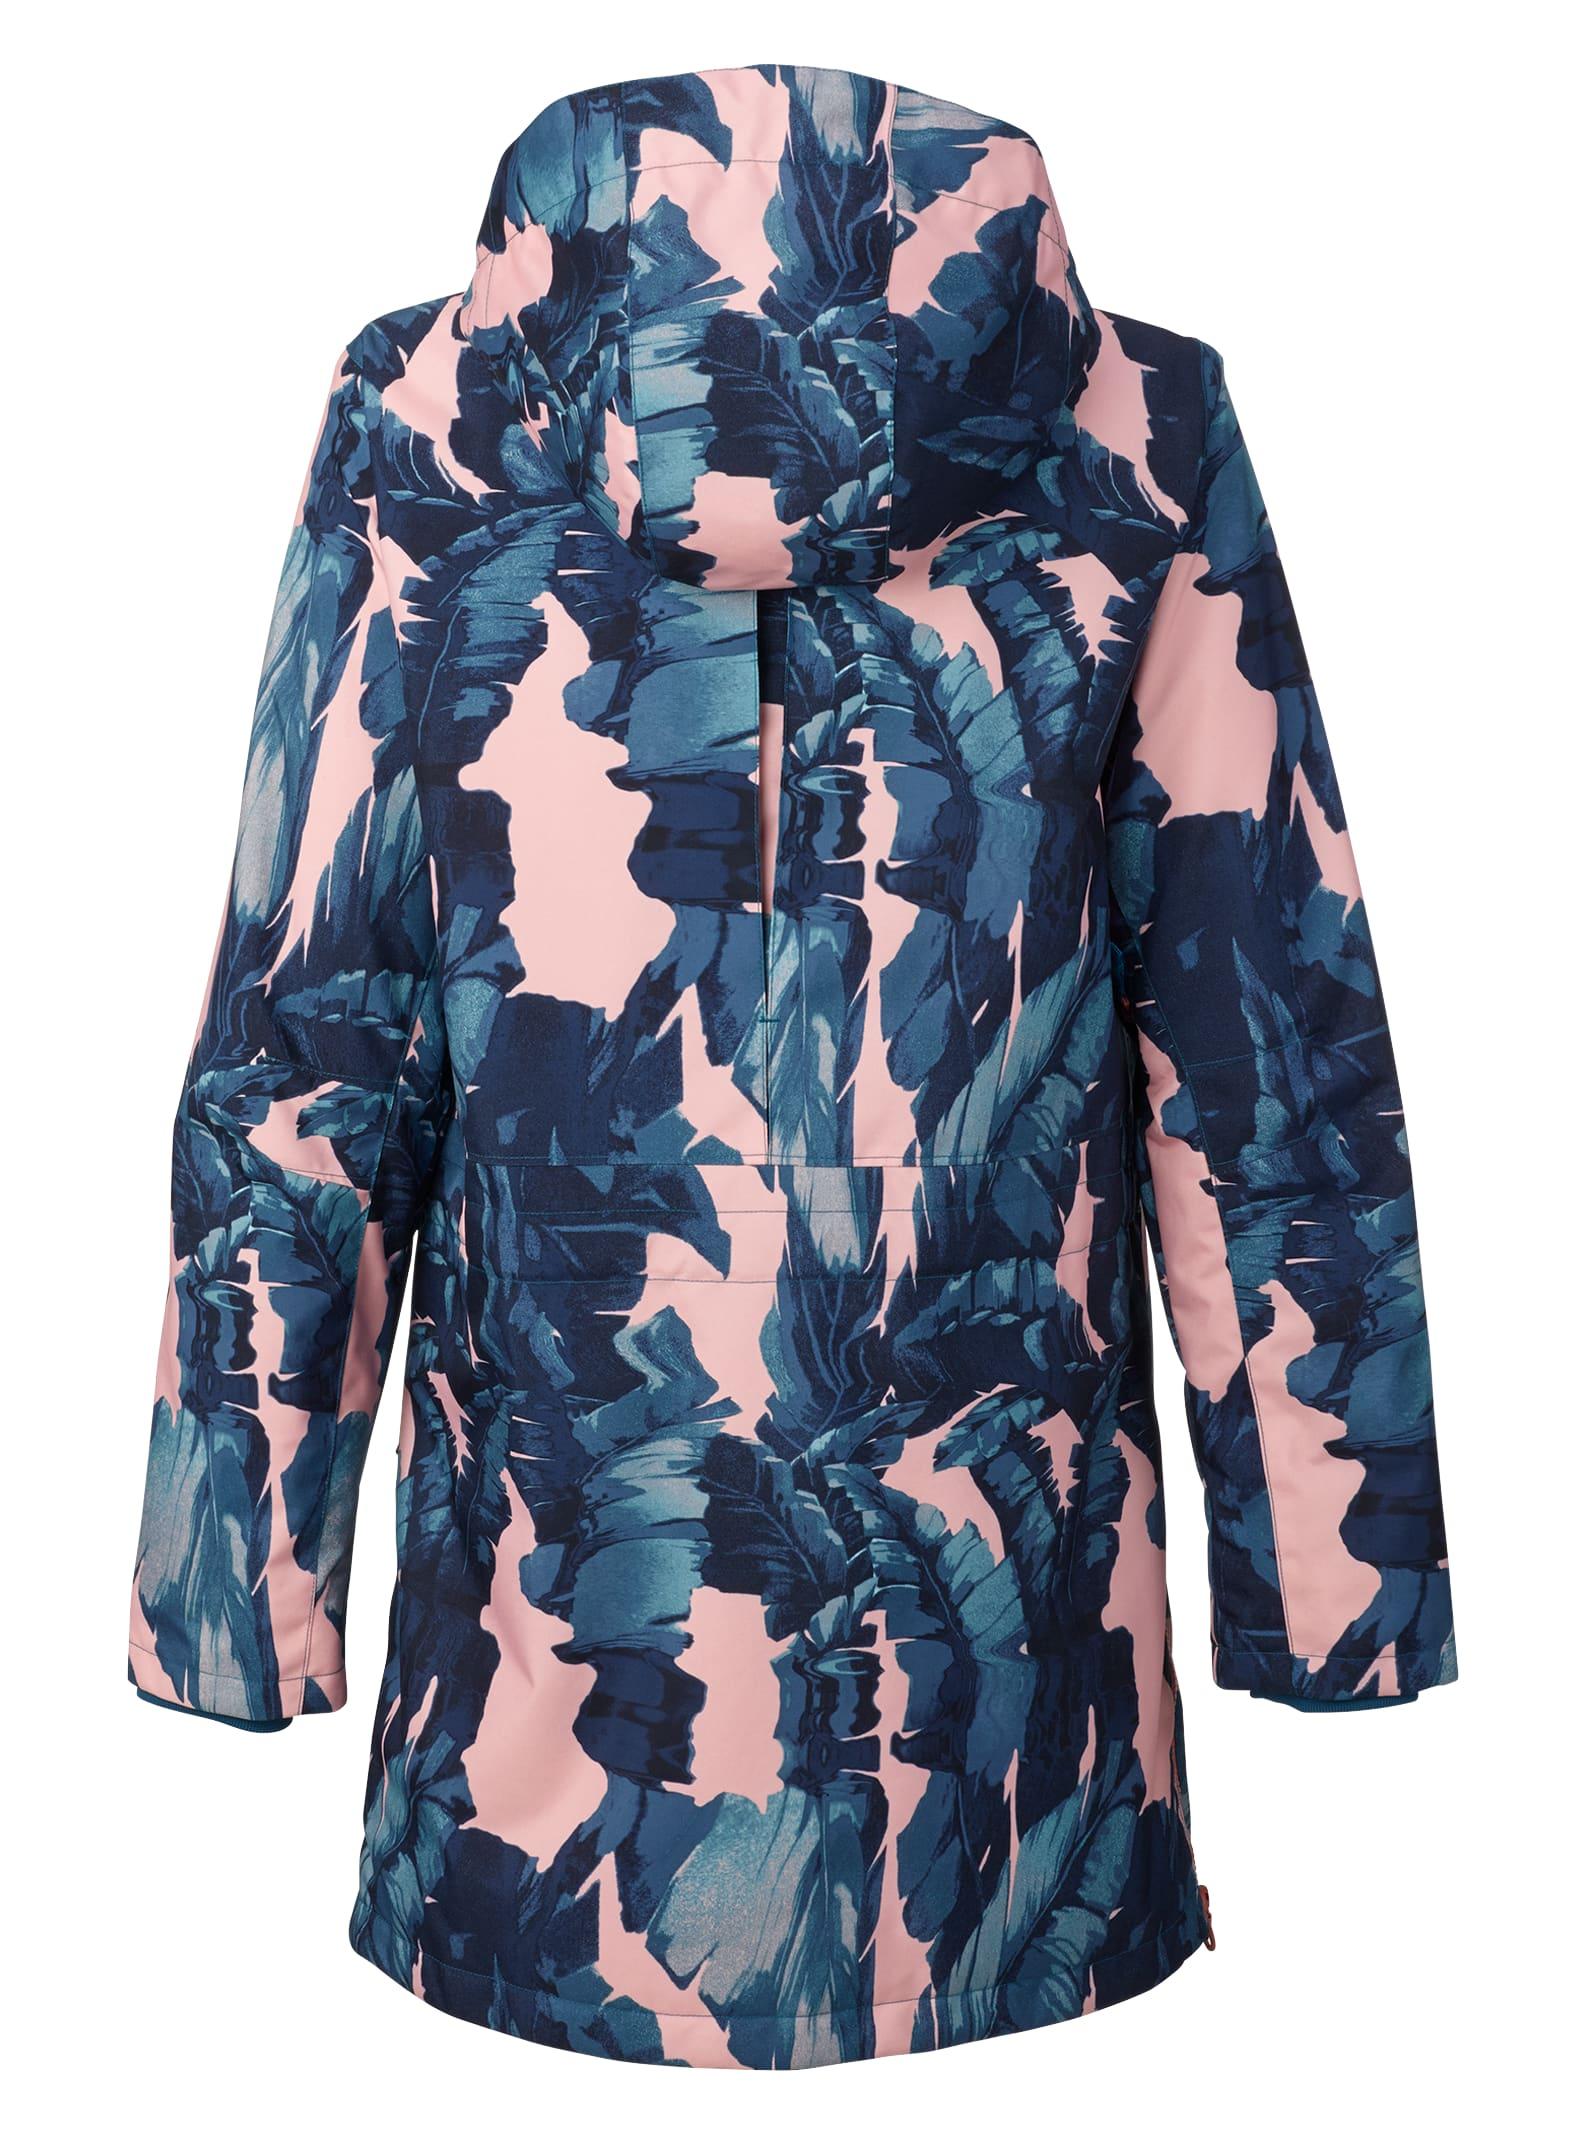 d8f6bfc50 Women s Burton Chuteout Anorak Jacket